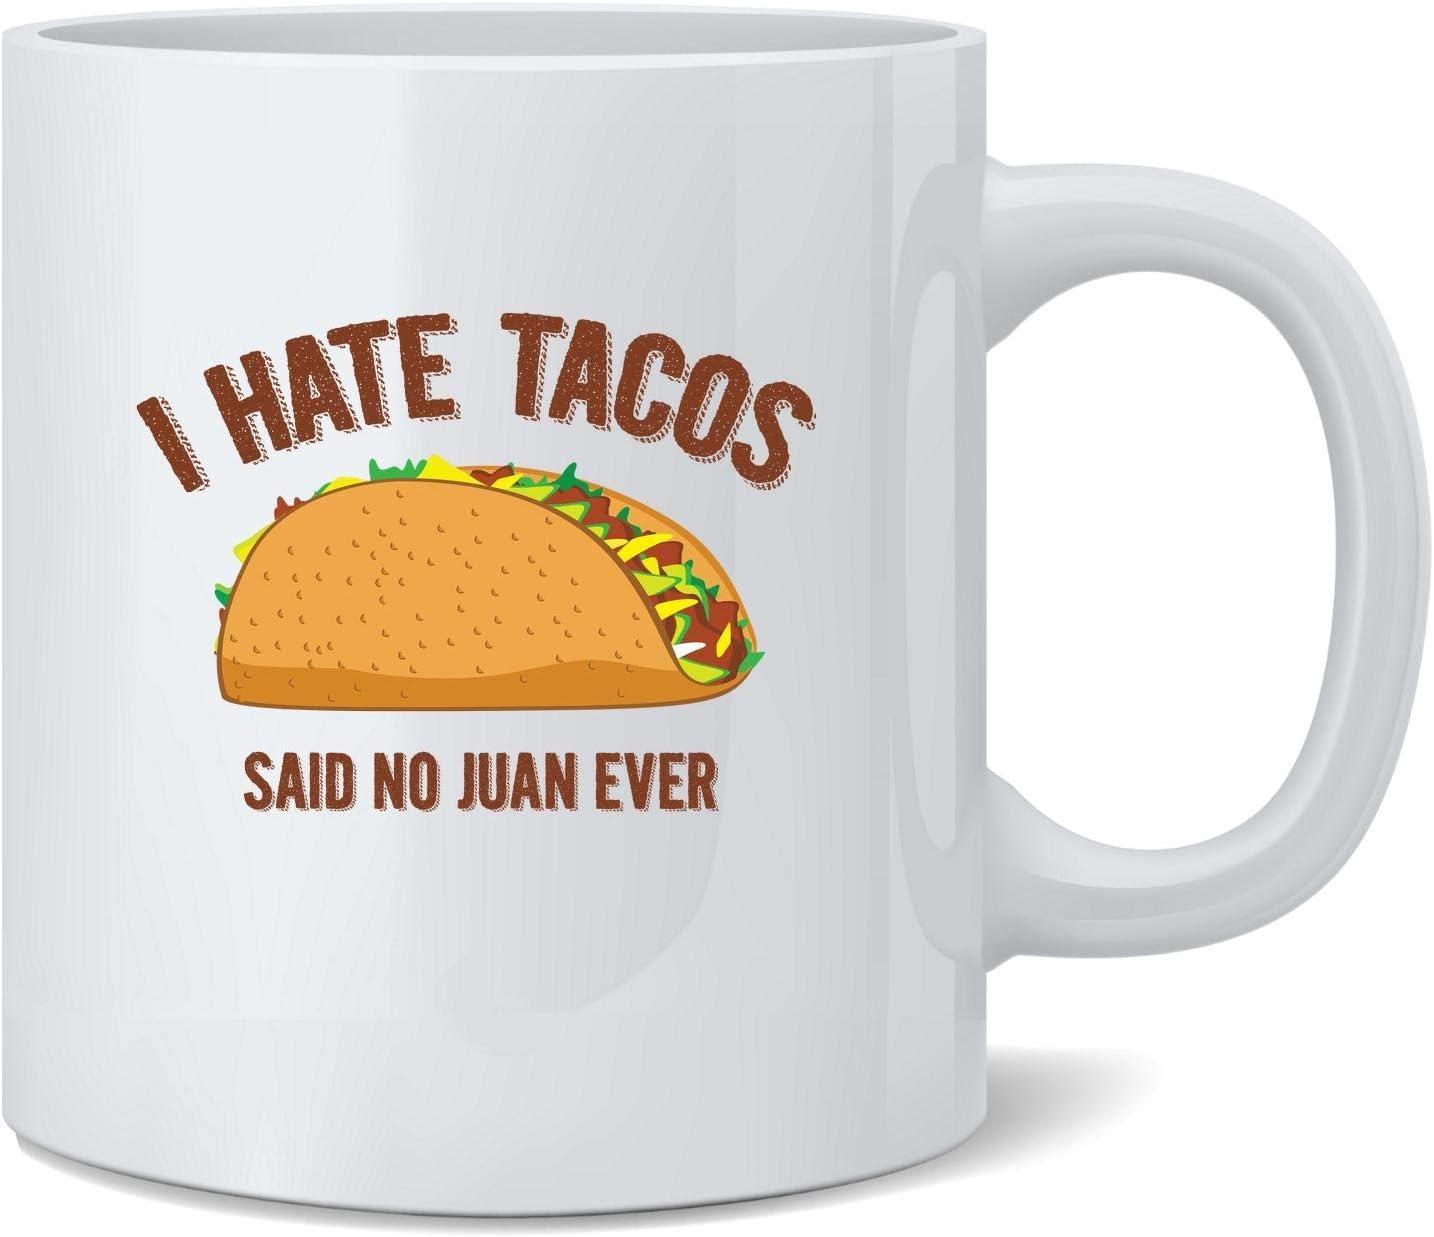 Poster Foundry I Hate Tacos Said No Juan Ever Cinco de Mayo Funny Ceramic Coffee Mug Tea Cup Fun Novelty Gift 12 oz